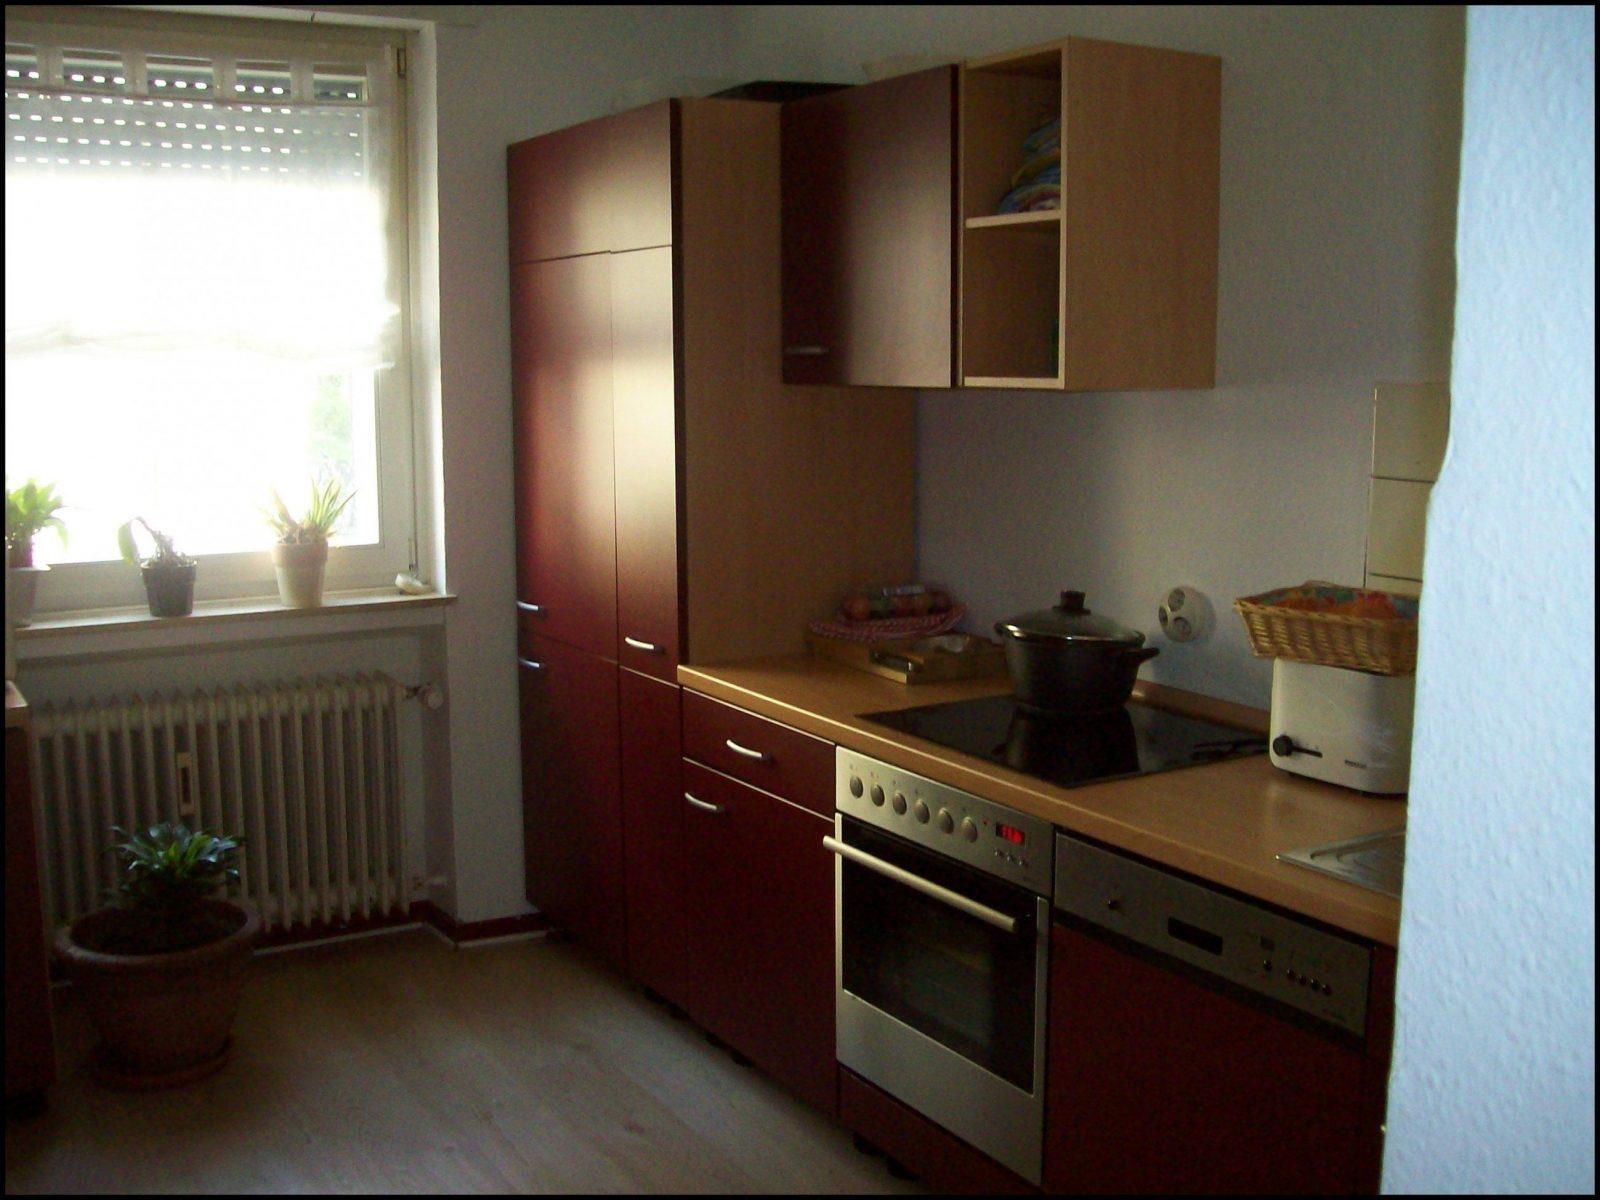 Gebraucht Küchen Ankauf Köln Schön Küche Gebraucht Köln Deko Idee Ideen von Gebrauchte Küchen In Köln Bild